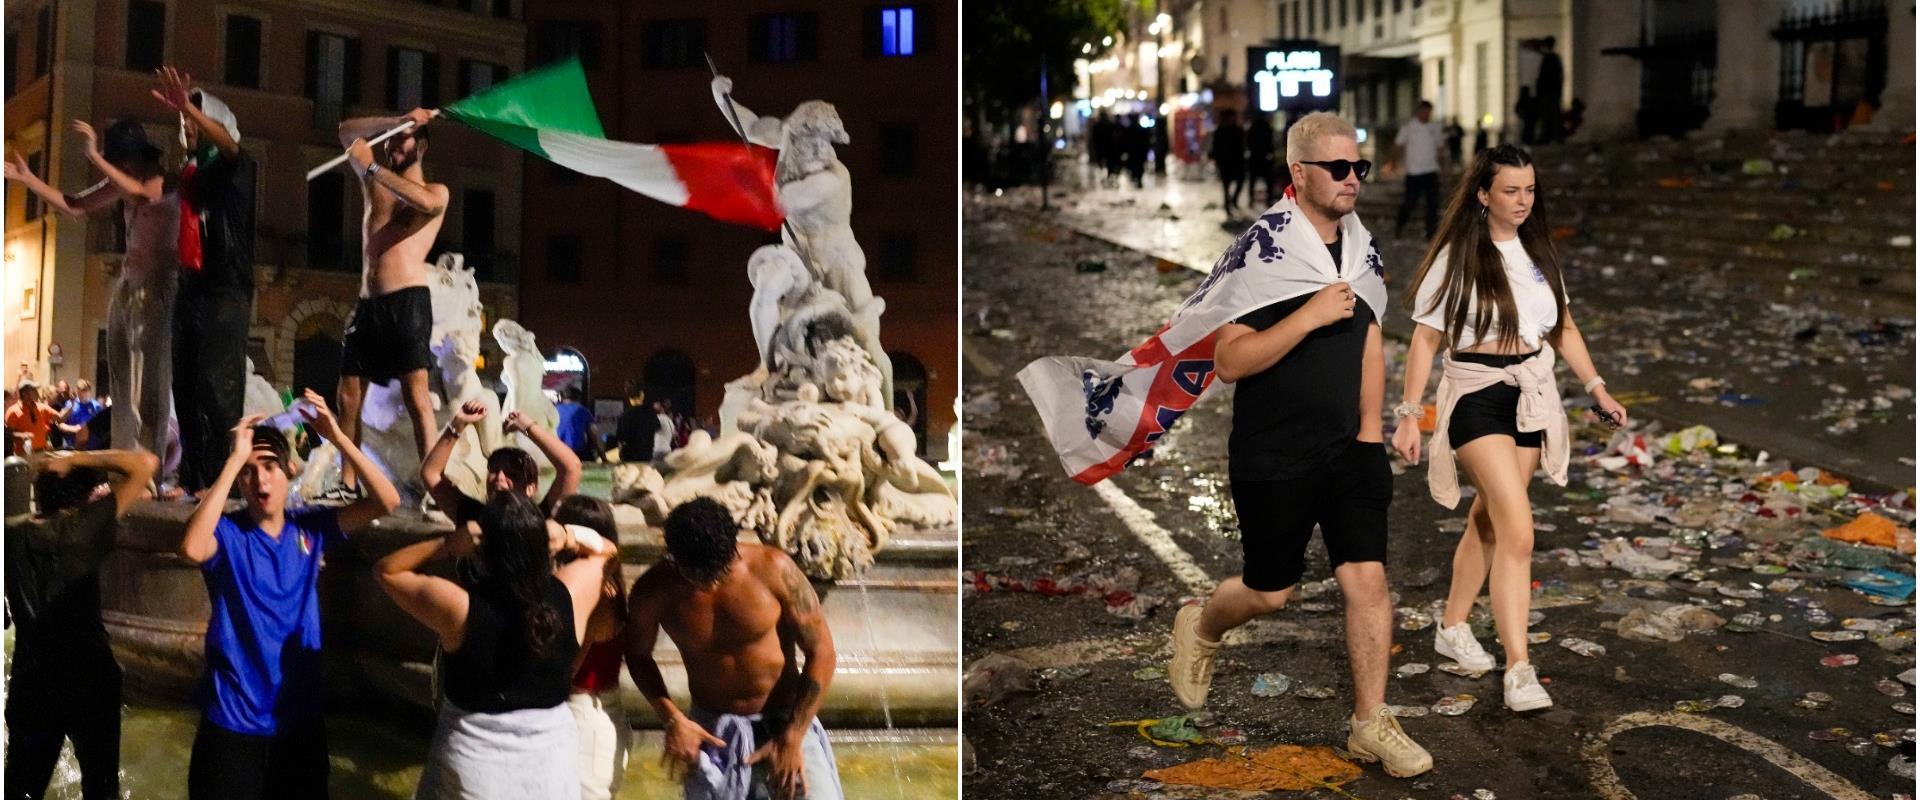 אוהדים איטלקים חוגגים ברומא לצד אוהדים אנגלים מאוכ